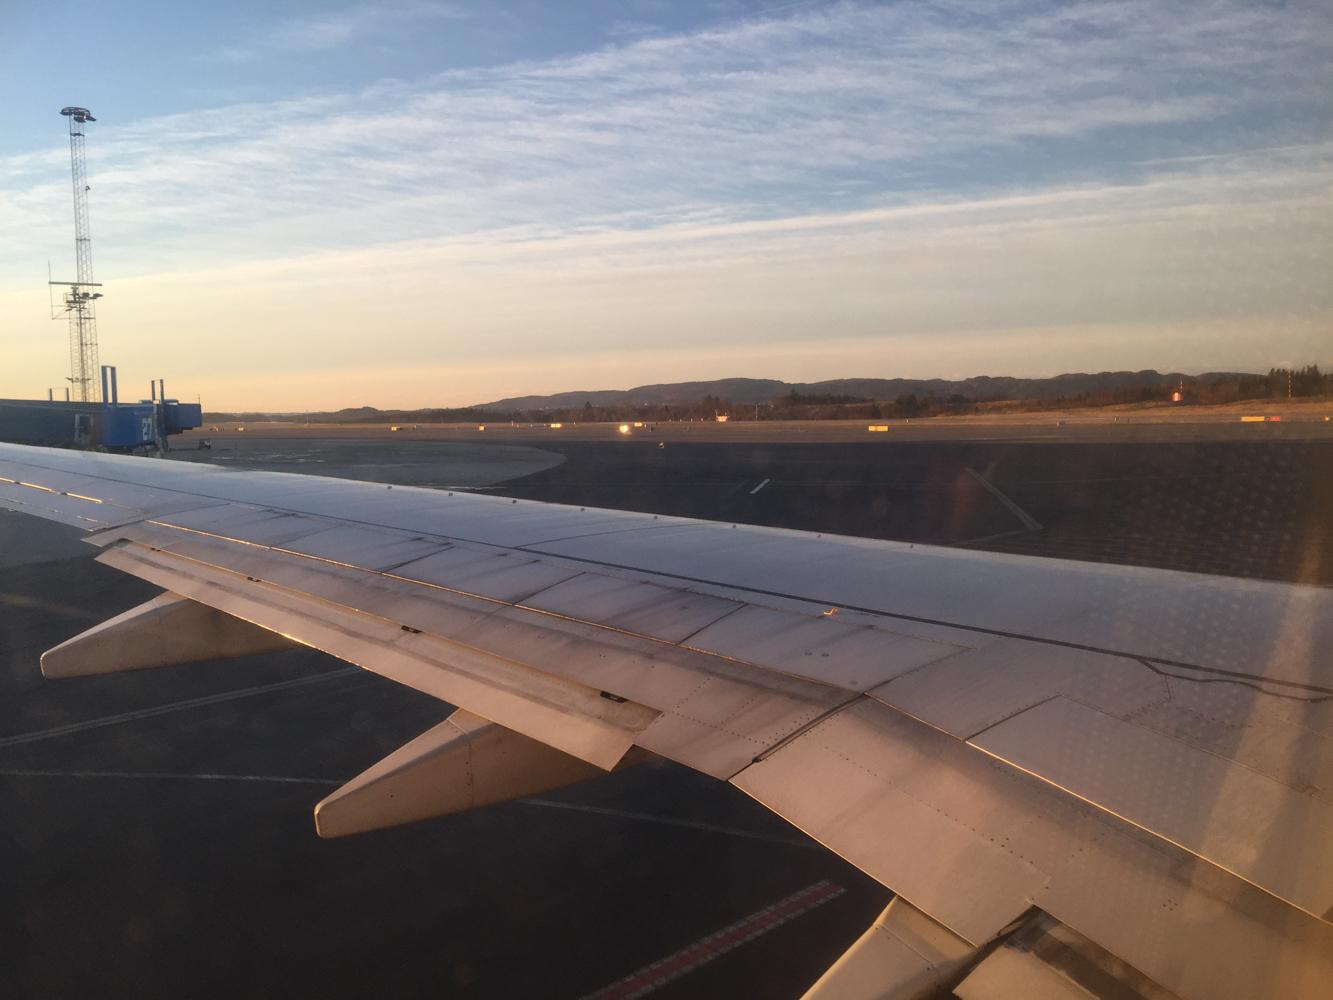 vakker flyreise bergen oslo tormod og belkis gundersen